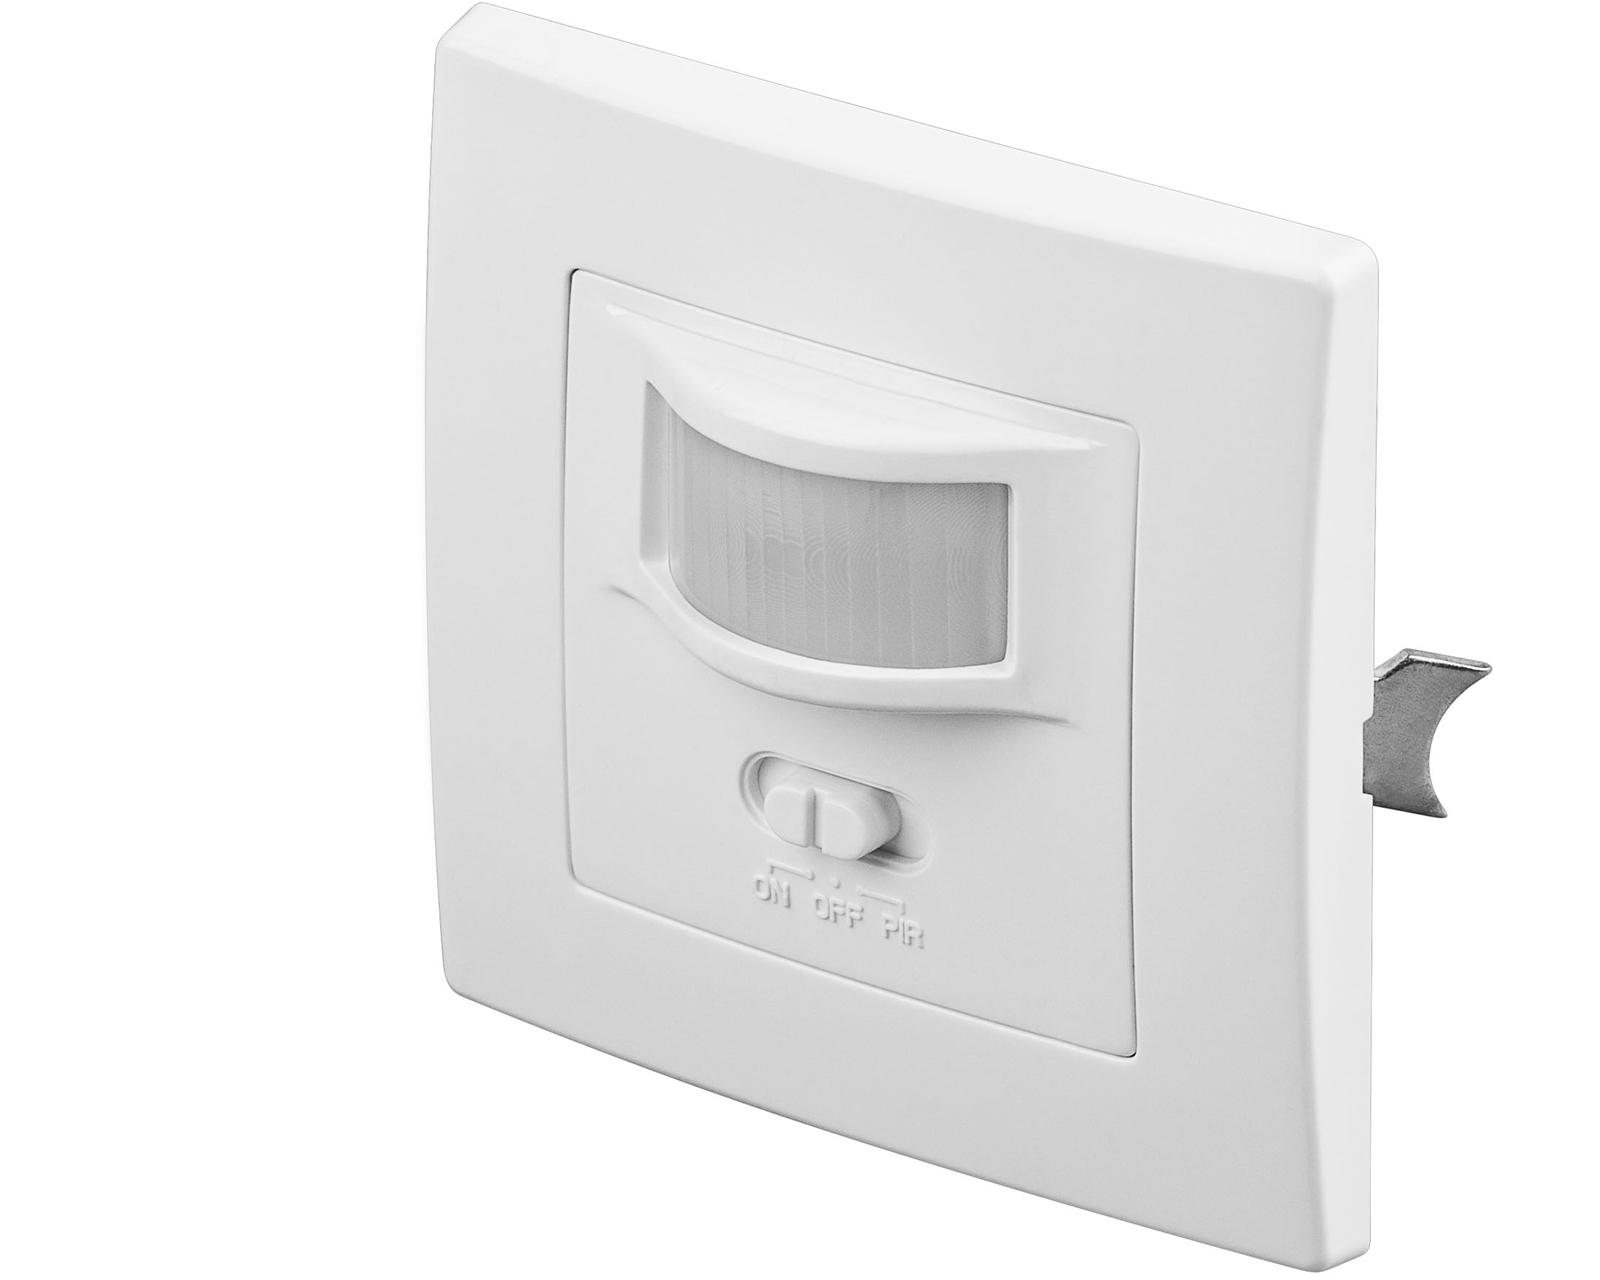 infrarot bewegungsmelder 160 unterputz wand einbau f r lampen leuchten led ip20 ebay. Black Bedroom Furniture Sets. Home Design Ideas